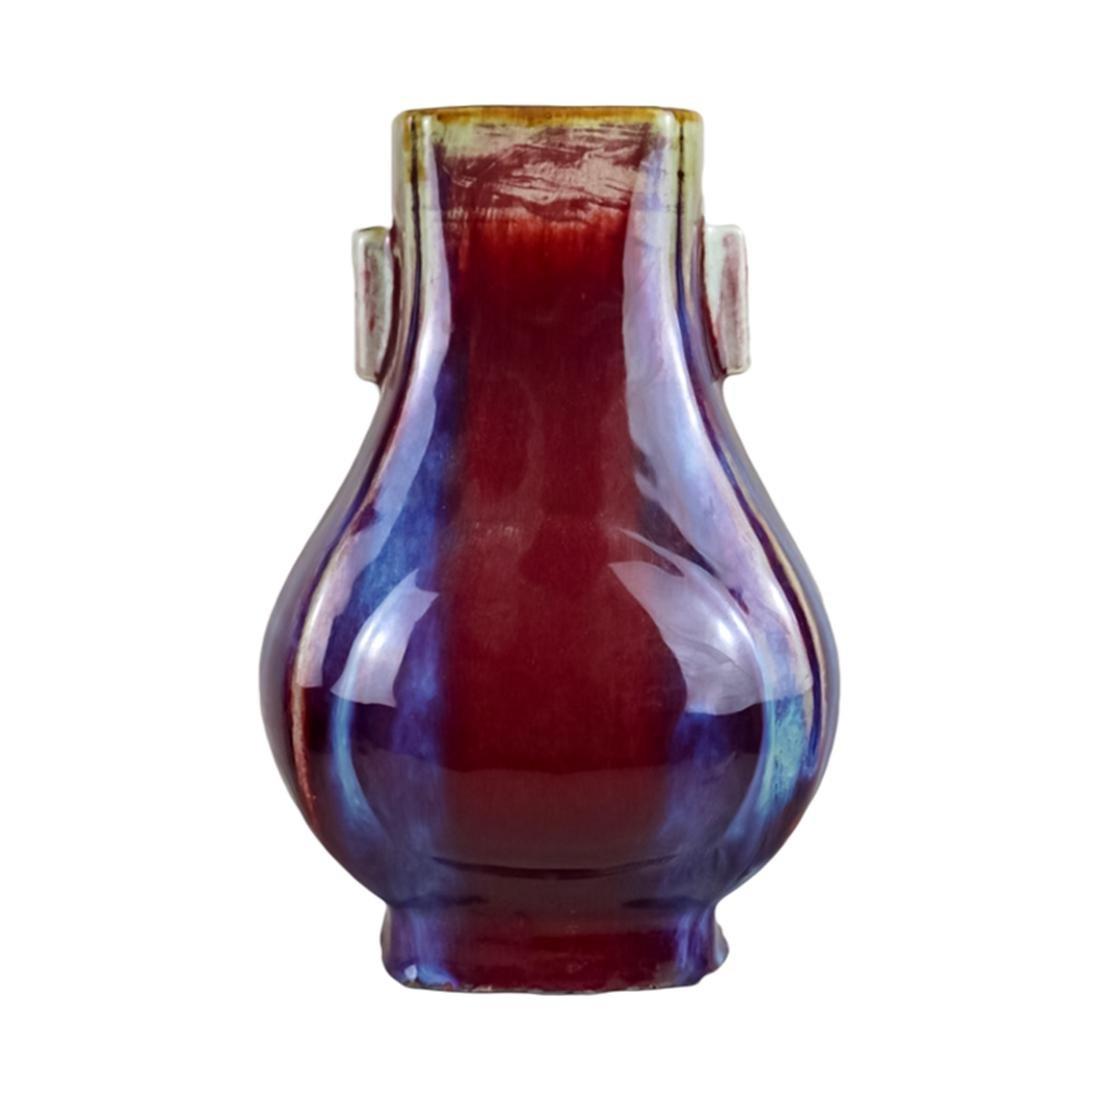 Chinese Qing Dynasty Glazed Porcelain Vase - 2